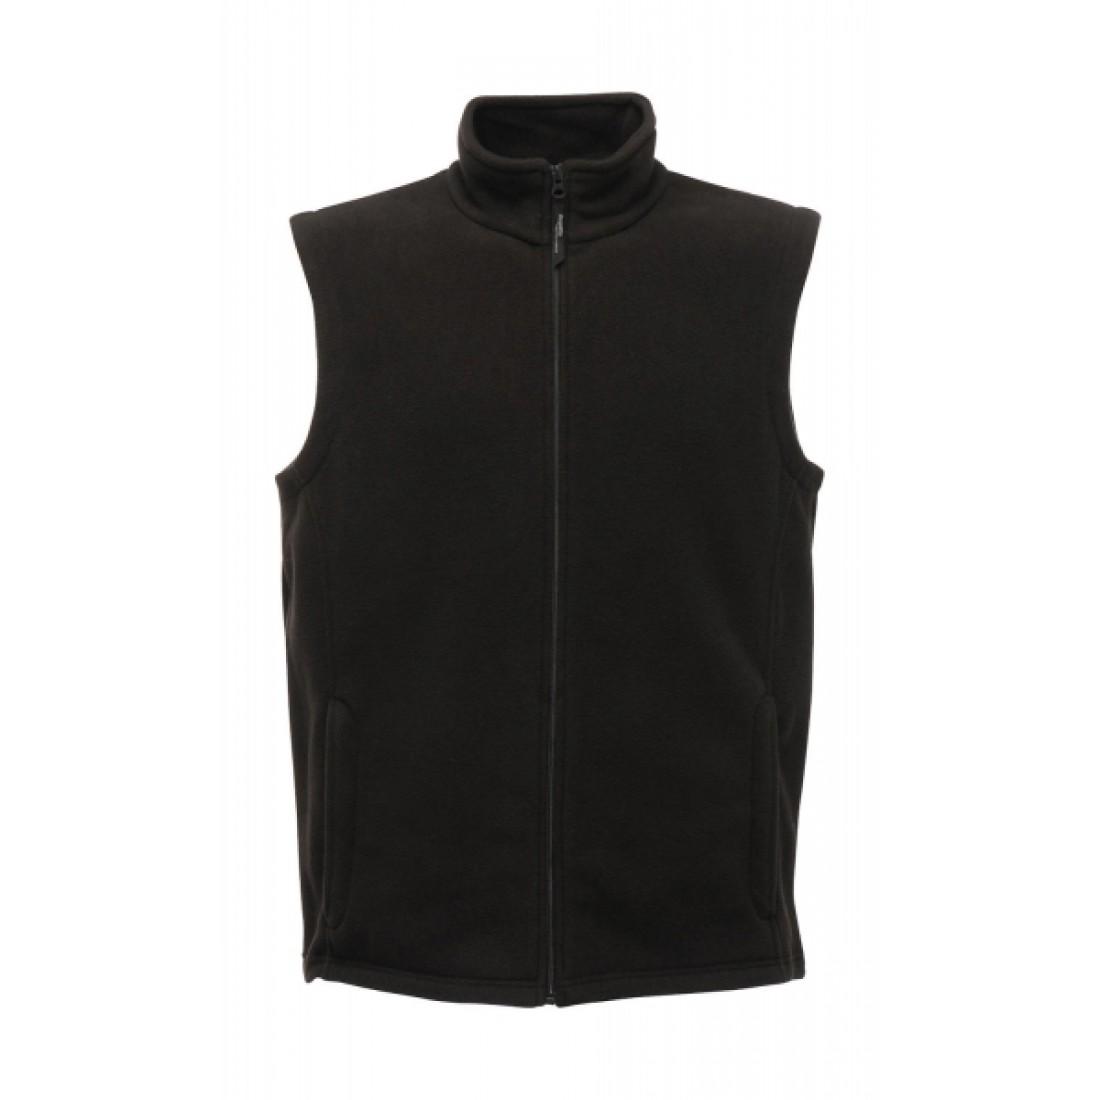 Ενδυση Εργασιας - Γιλέκο Ανδρικό Micro Fleece Regatta Professional ... f7d0e2f106c